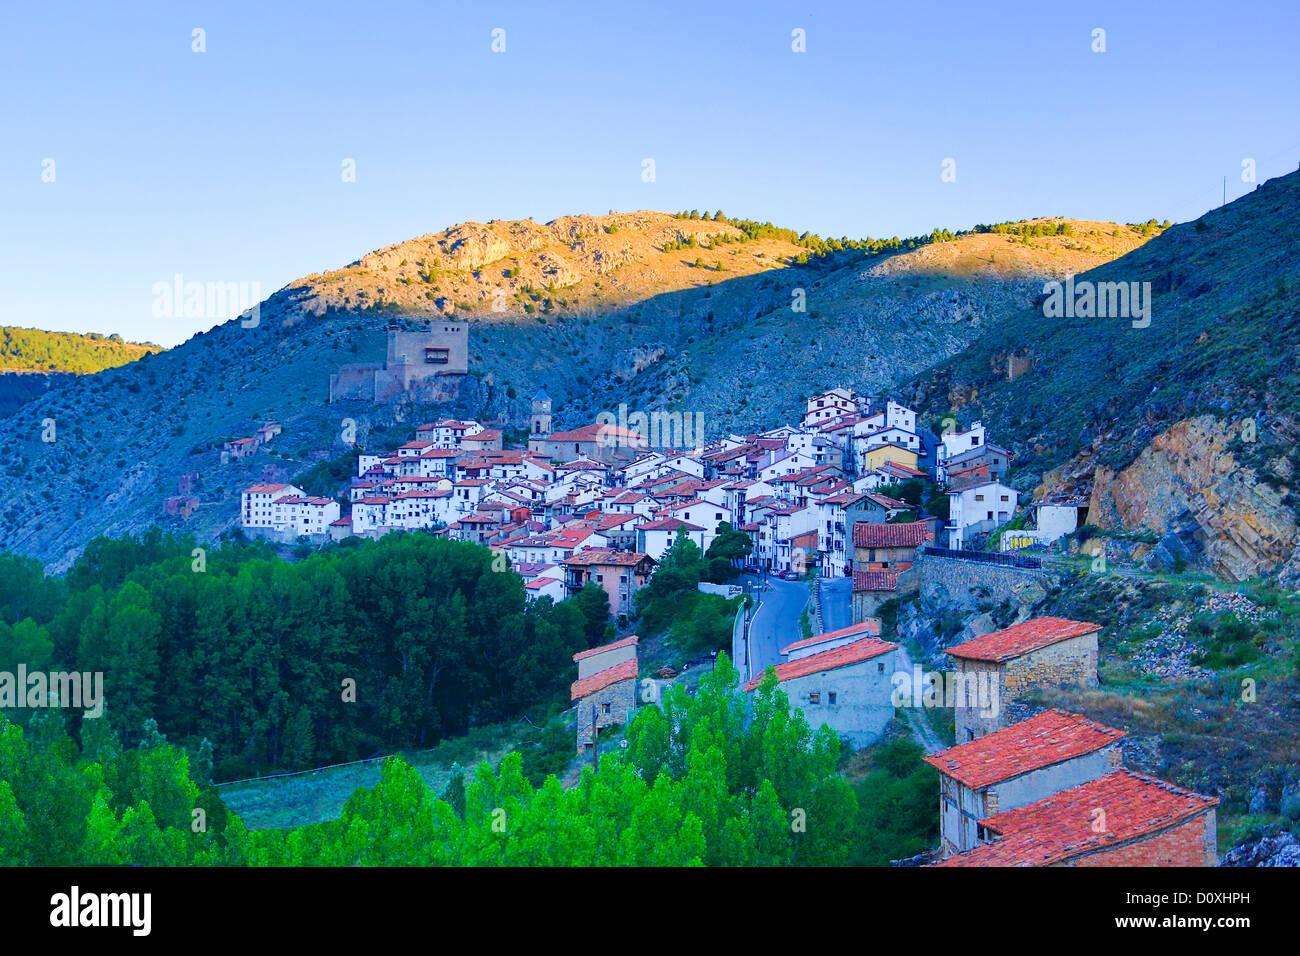 L'Espagne, l'Europe, Aragon, Teruel, Province, Maestrazgo, Alcala de la Selva, Gérone, architecture, Photo Stock